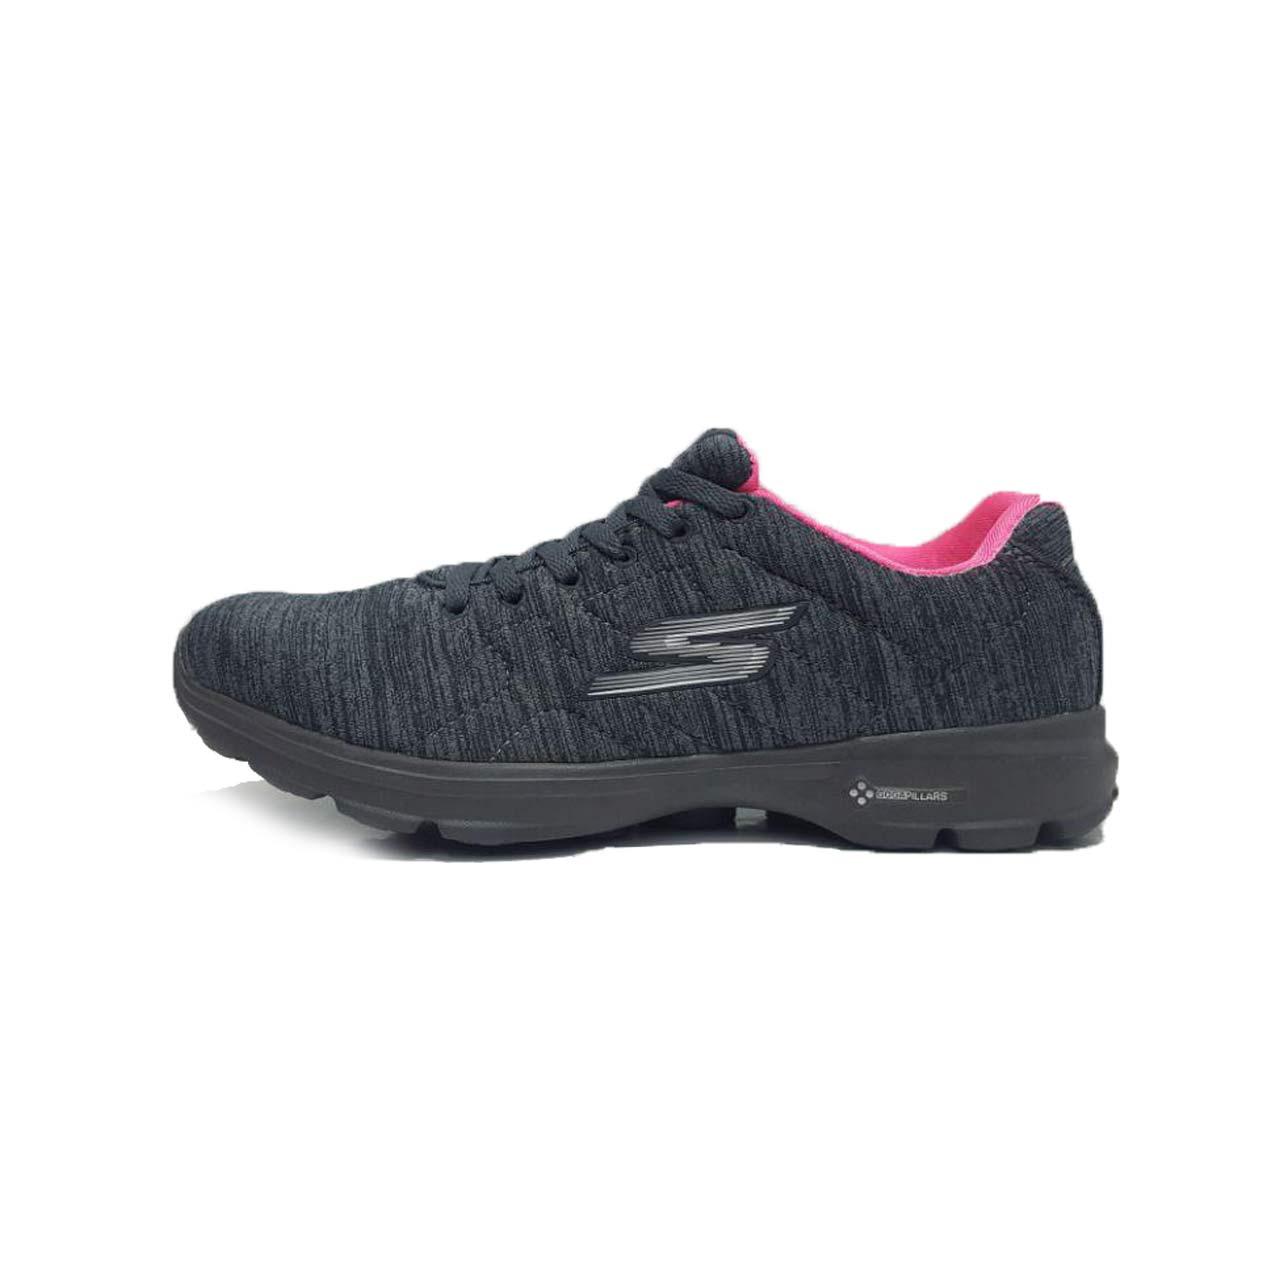 کفش مخصوص پیاده روی زنانه اسکچرز مدل GO WALK 3-GREY/PEA